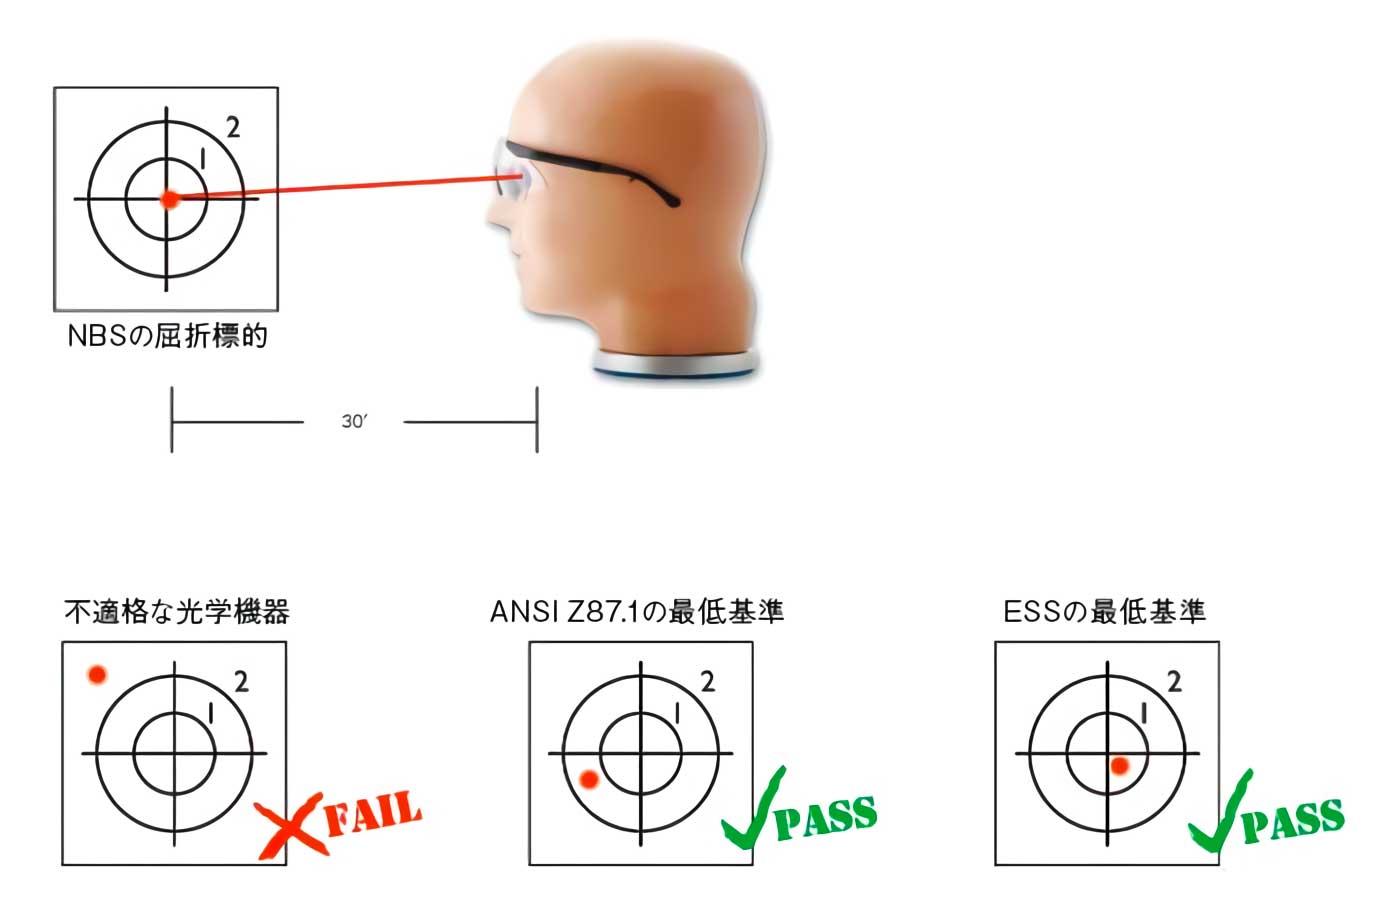 ANSI Z87.1 光学テスト #7.4.3.2